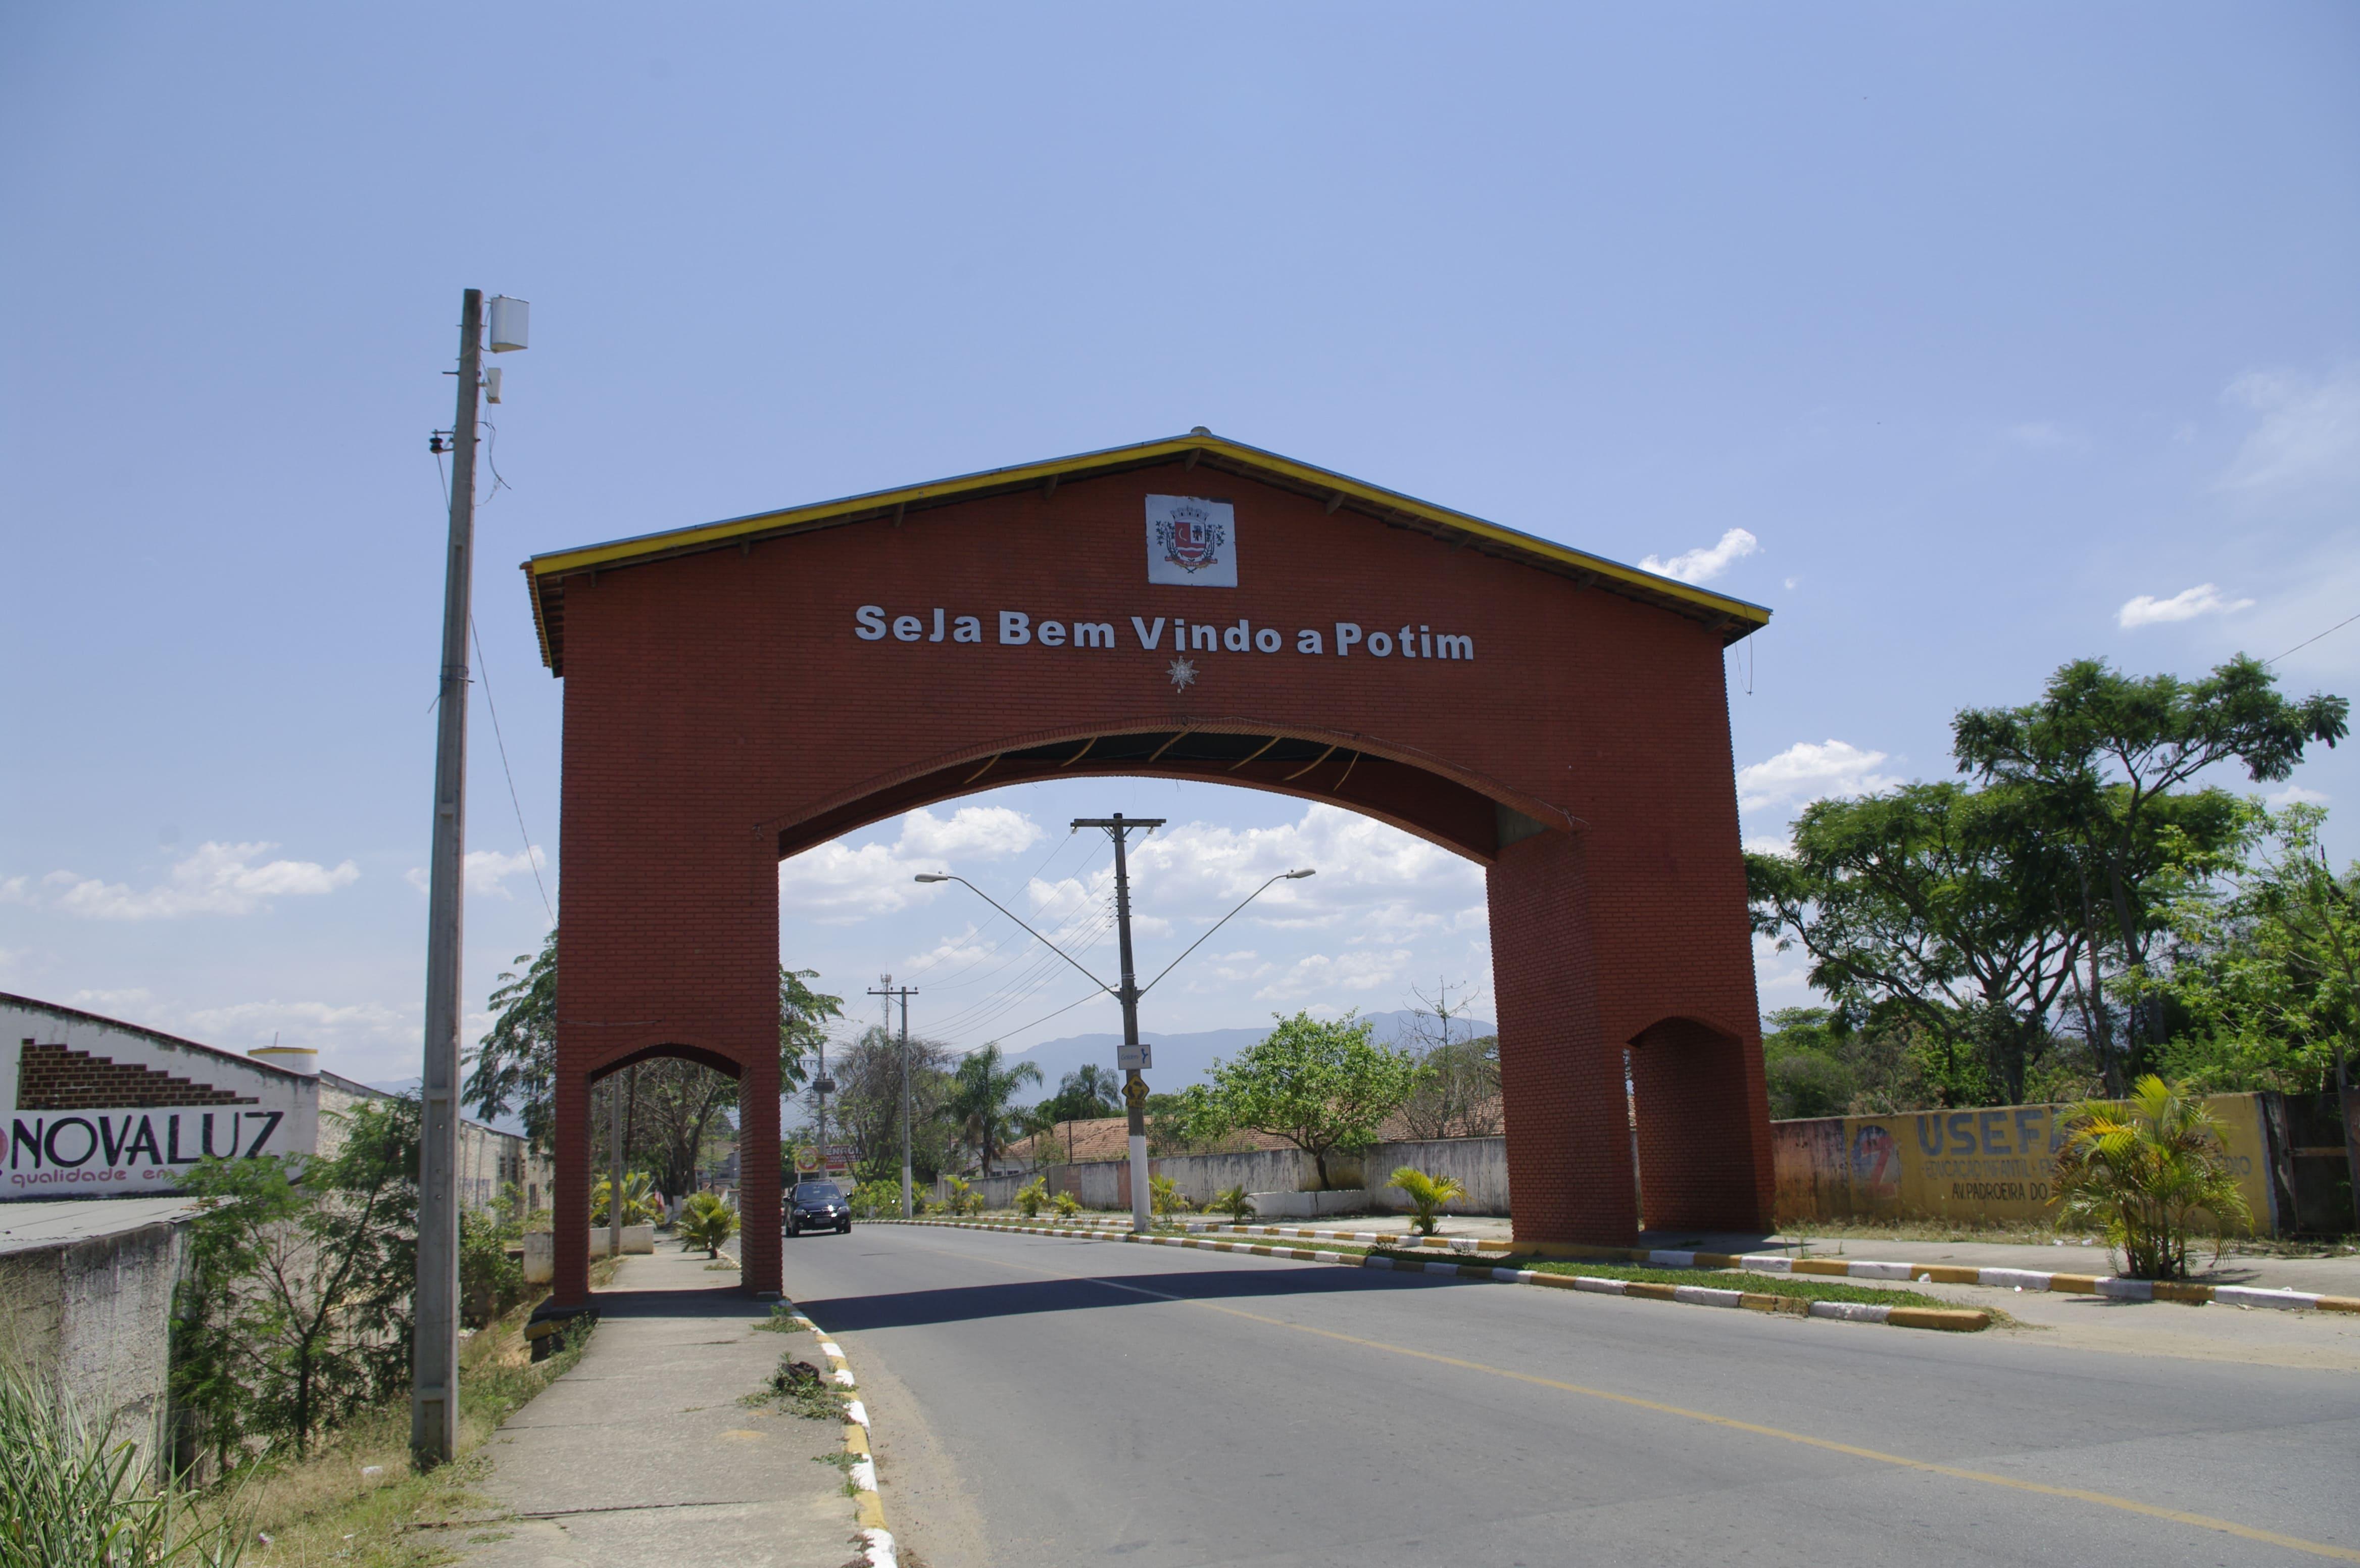 imagem do portal de entrada da cidade para quem procura um escritório de contabilidade em Potim